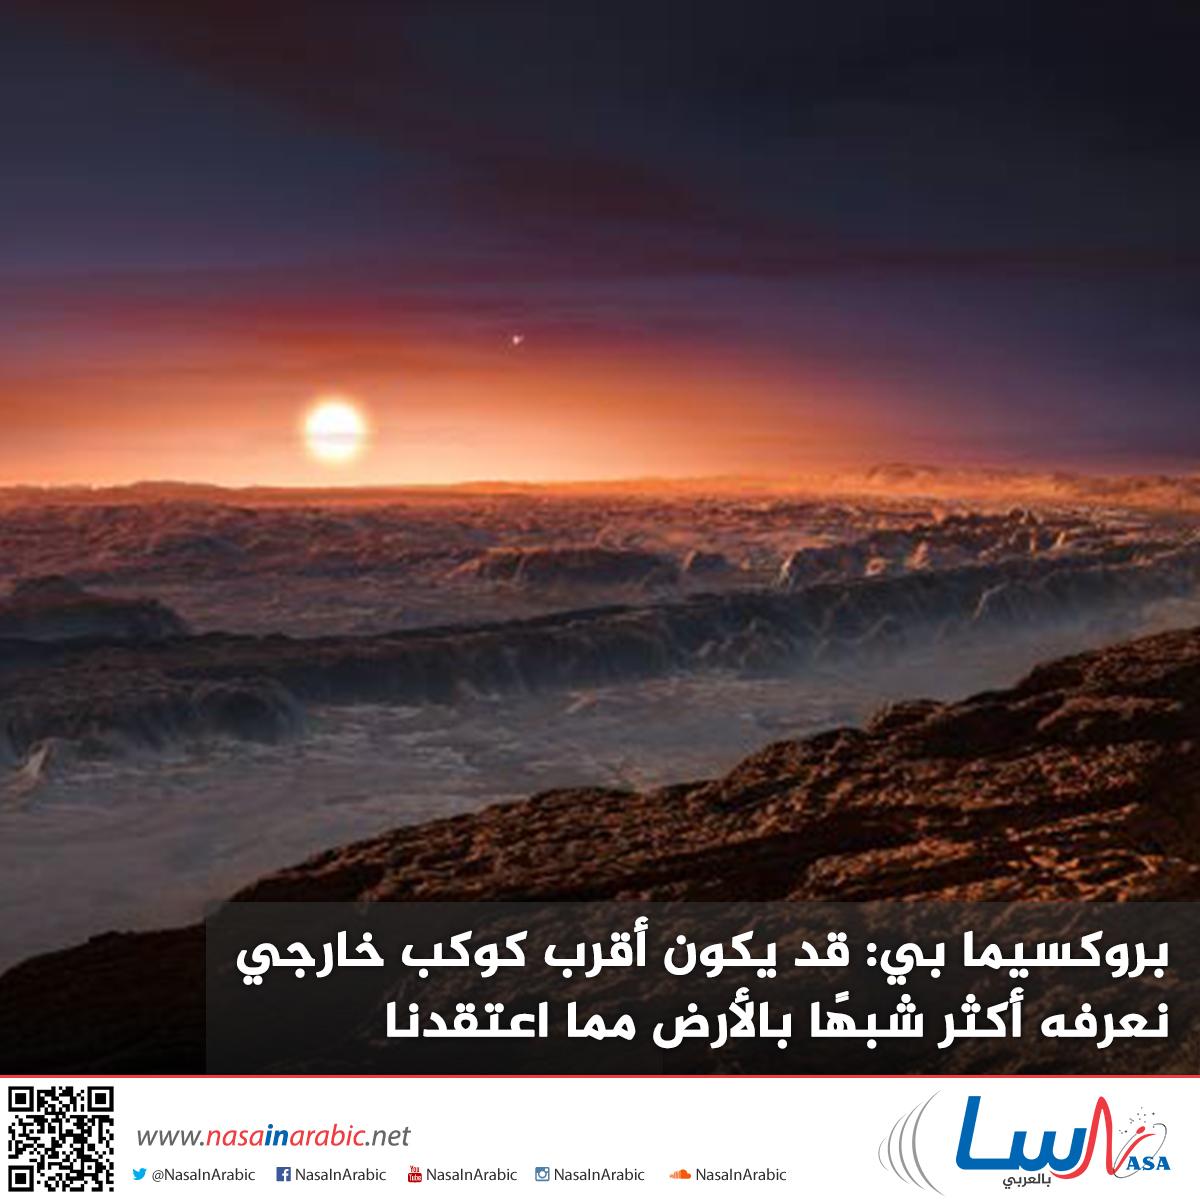 بروكسيما بي: قد يكون أقرب كوكب خارجي نعرفه أكثر شبهًا بالأرض مما اعتقدنا